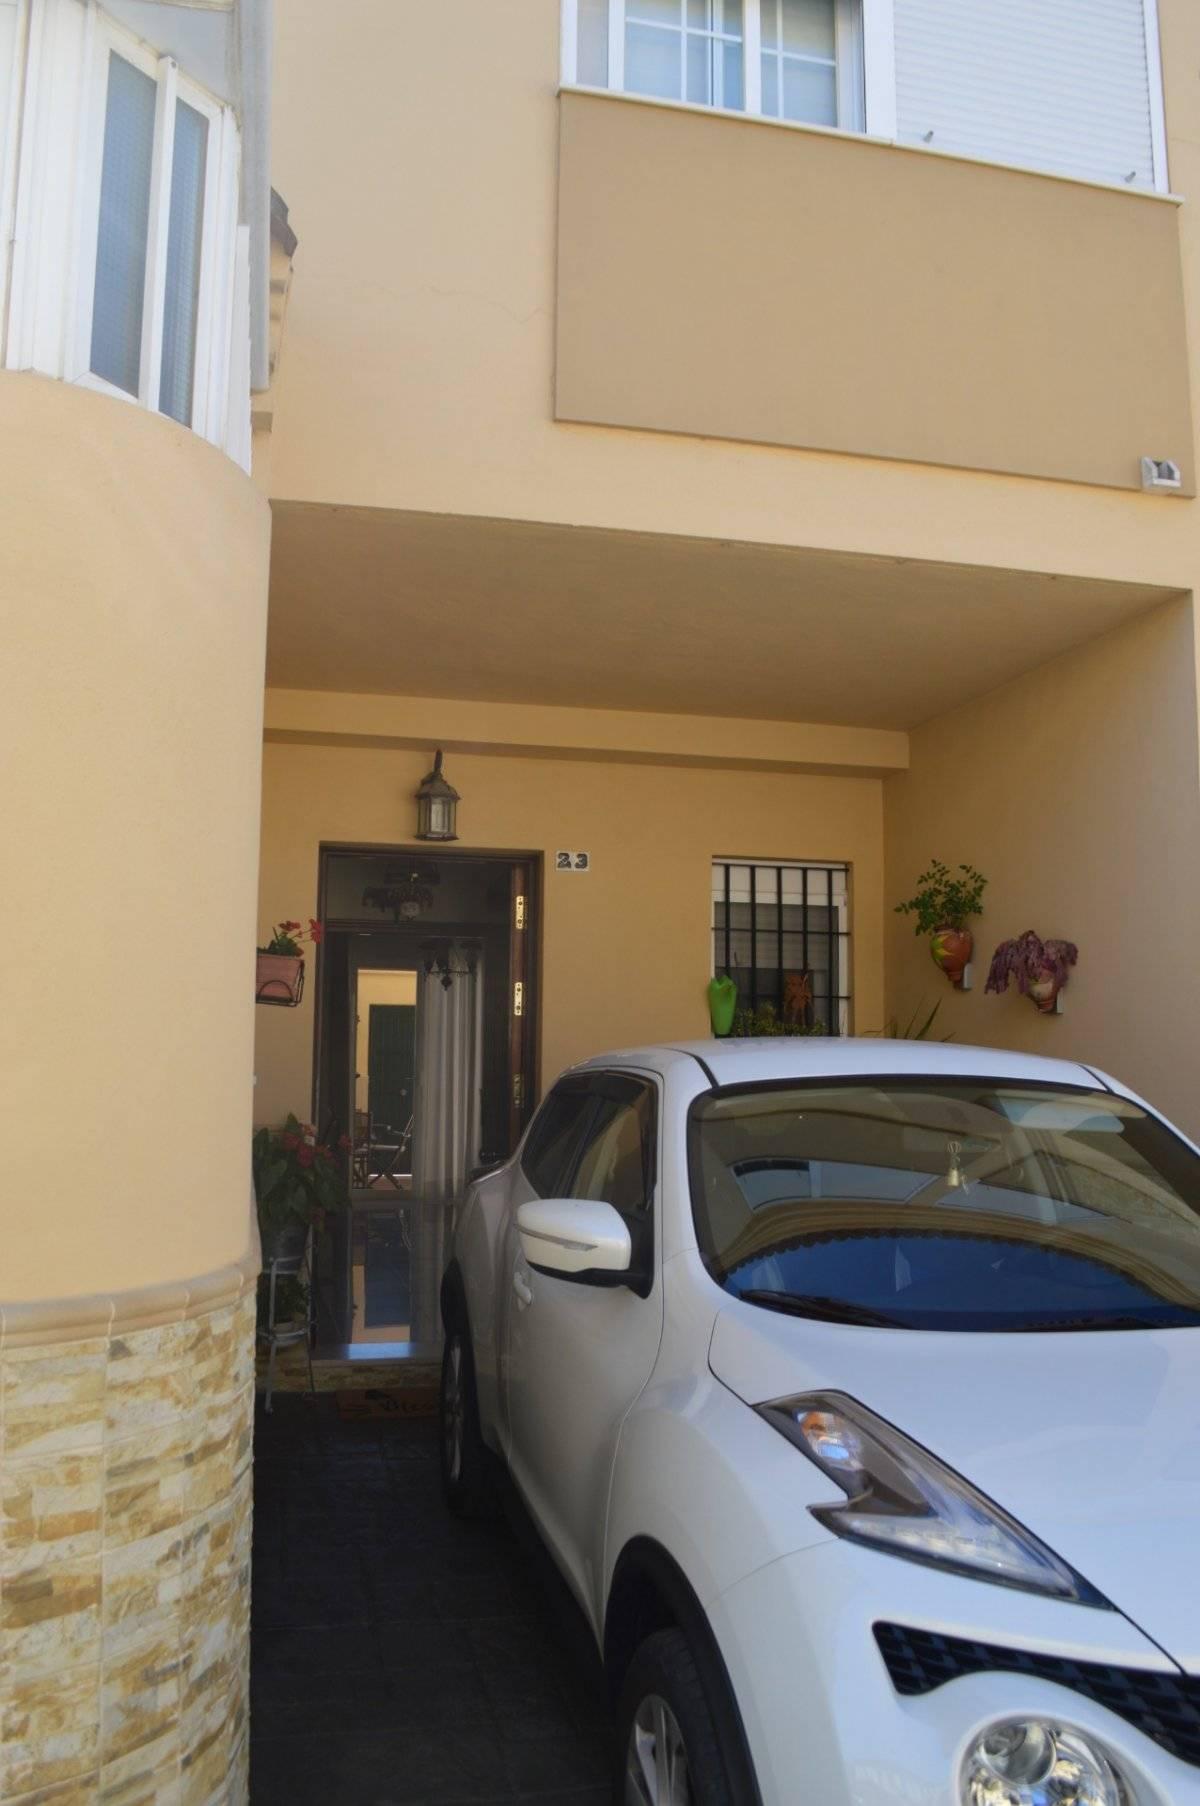 Adosado en Urb. Los Naranjos. Zona Minigolf-Las Canteras. Puerto Real.  - Foto 9